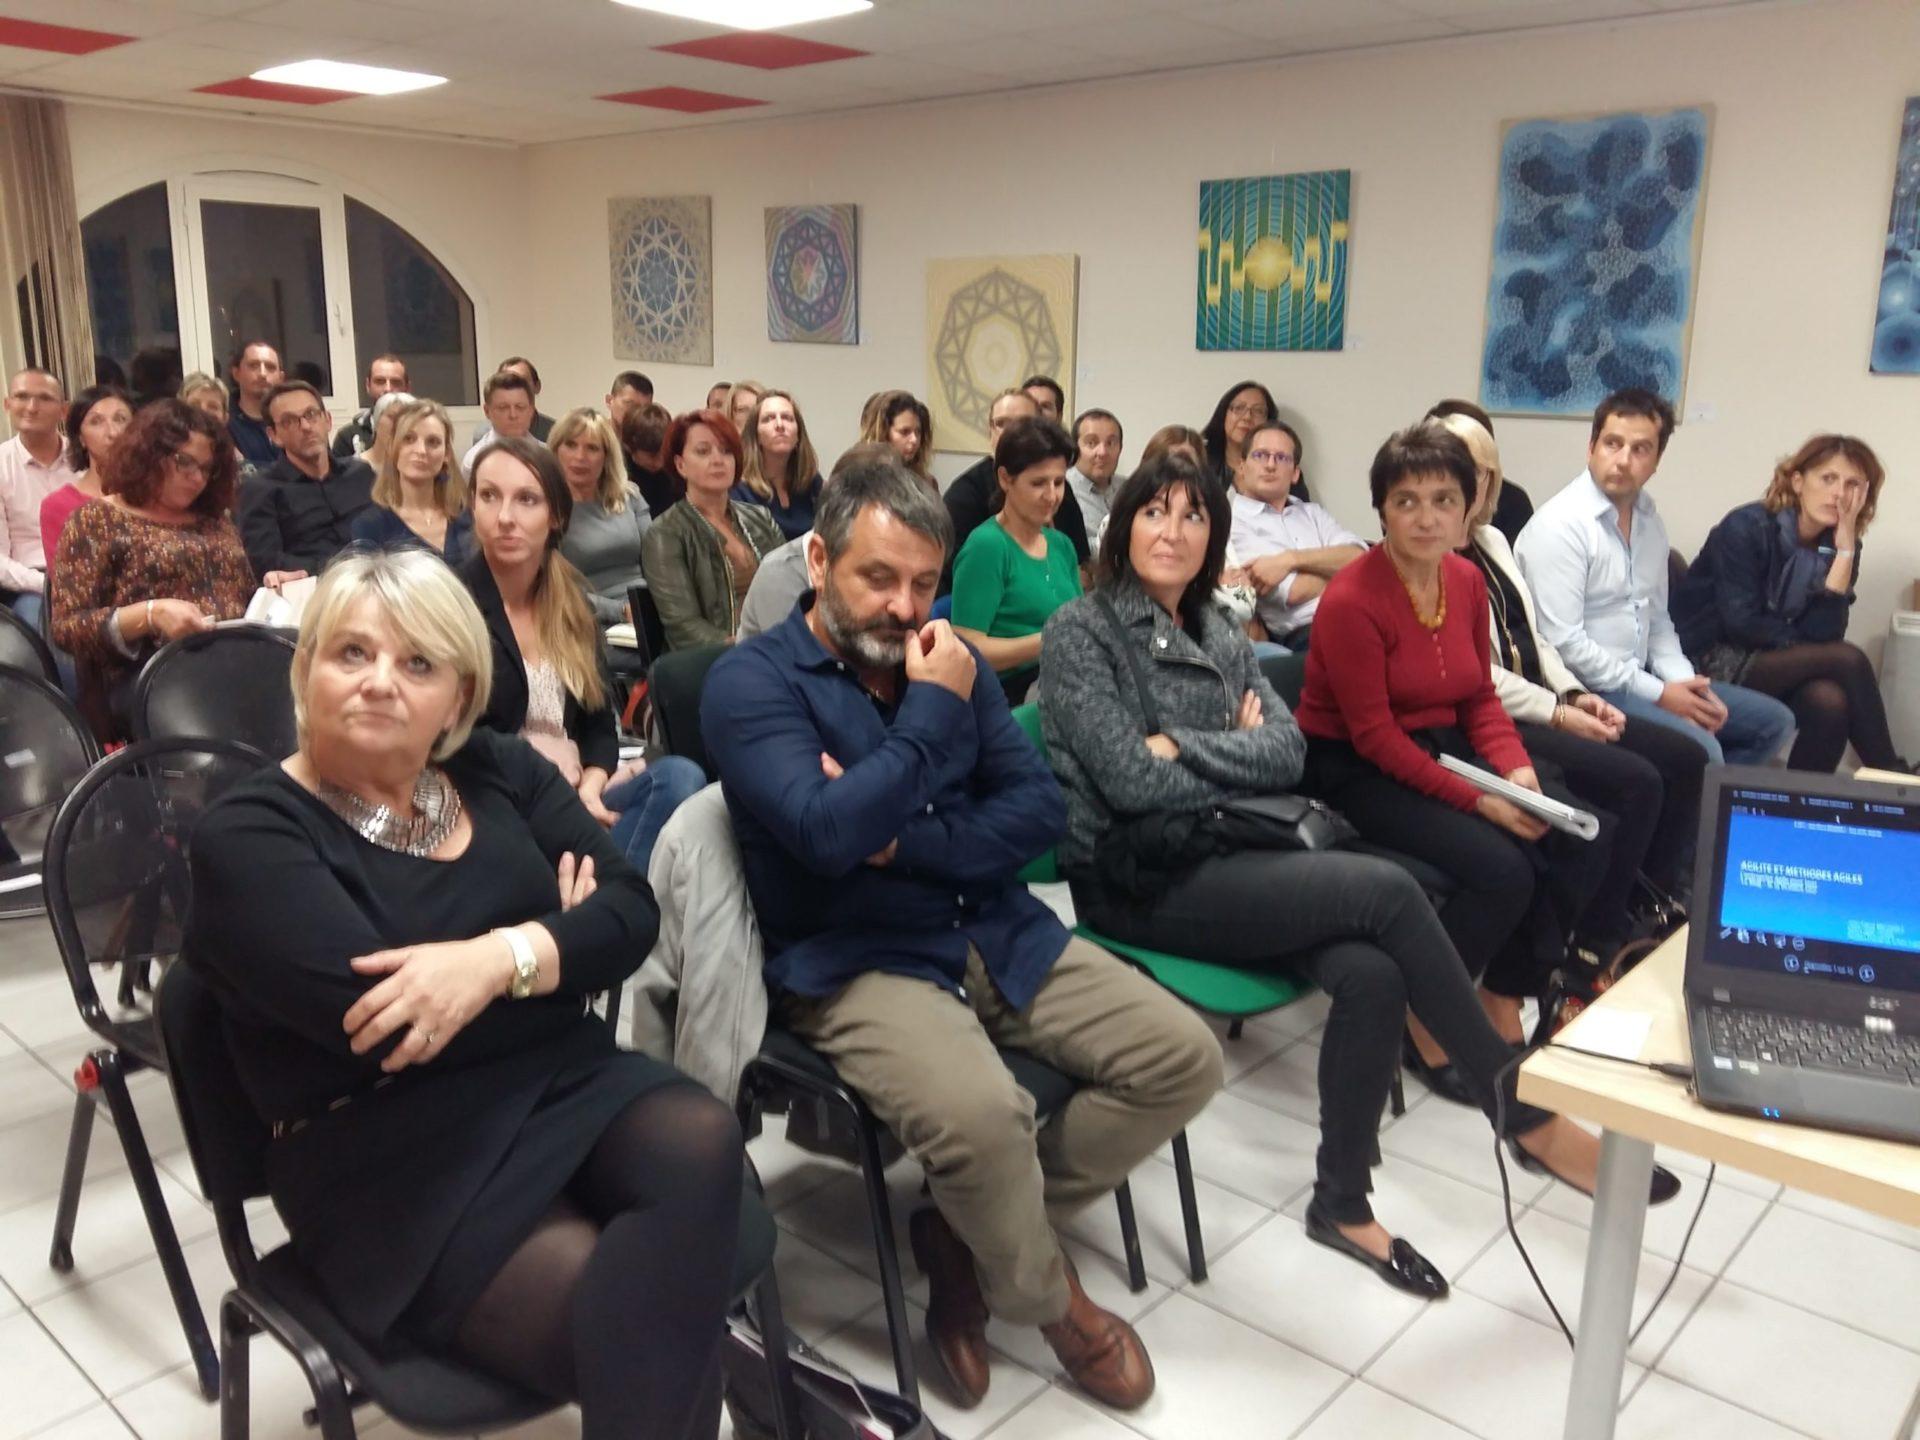 19/10/2017 – Soirée Entreprise Agile pour tous – Réseaux Connexion / Talents Féminins des Savoie/ MUG